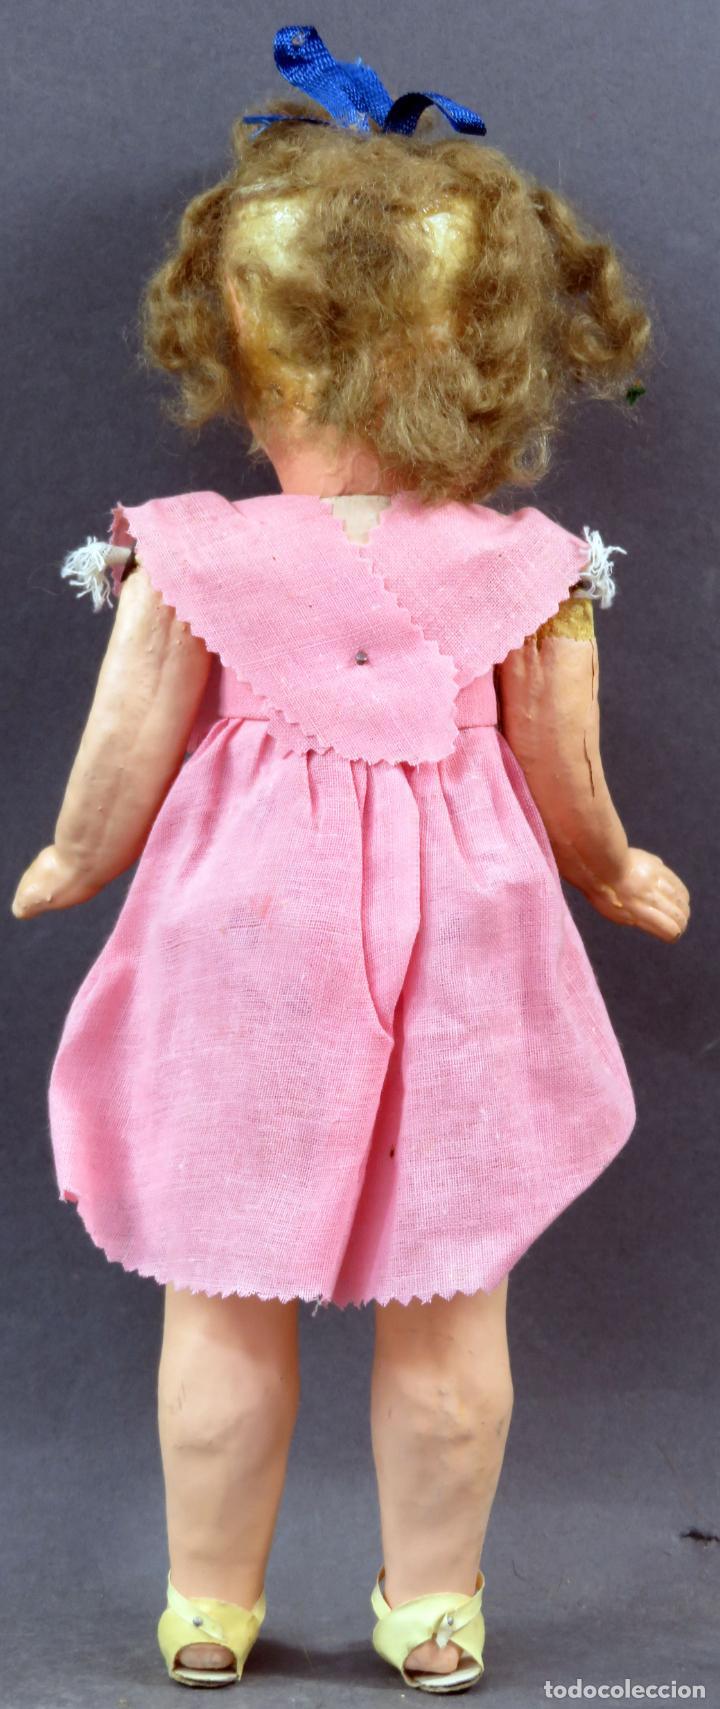 Muñeca española clasica: Muñeca popular cabeza cerámica cuerpo cartón piedra articulada ropa original años 30 - 40 30 cm - Foto 4 - 151812174